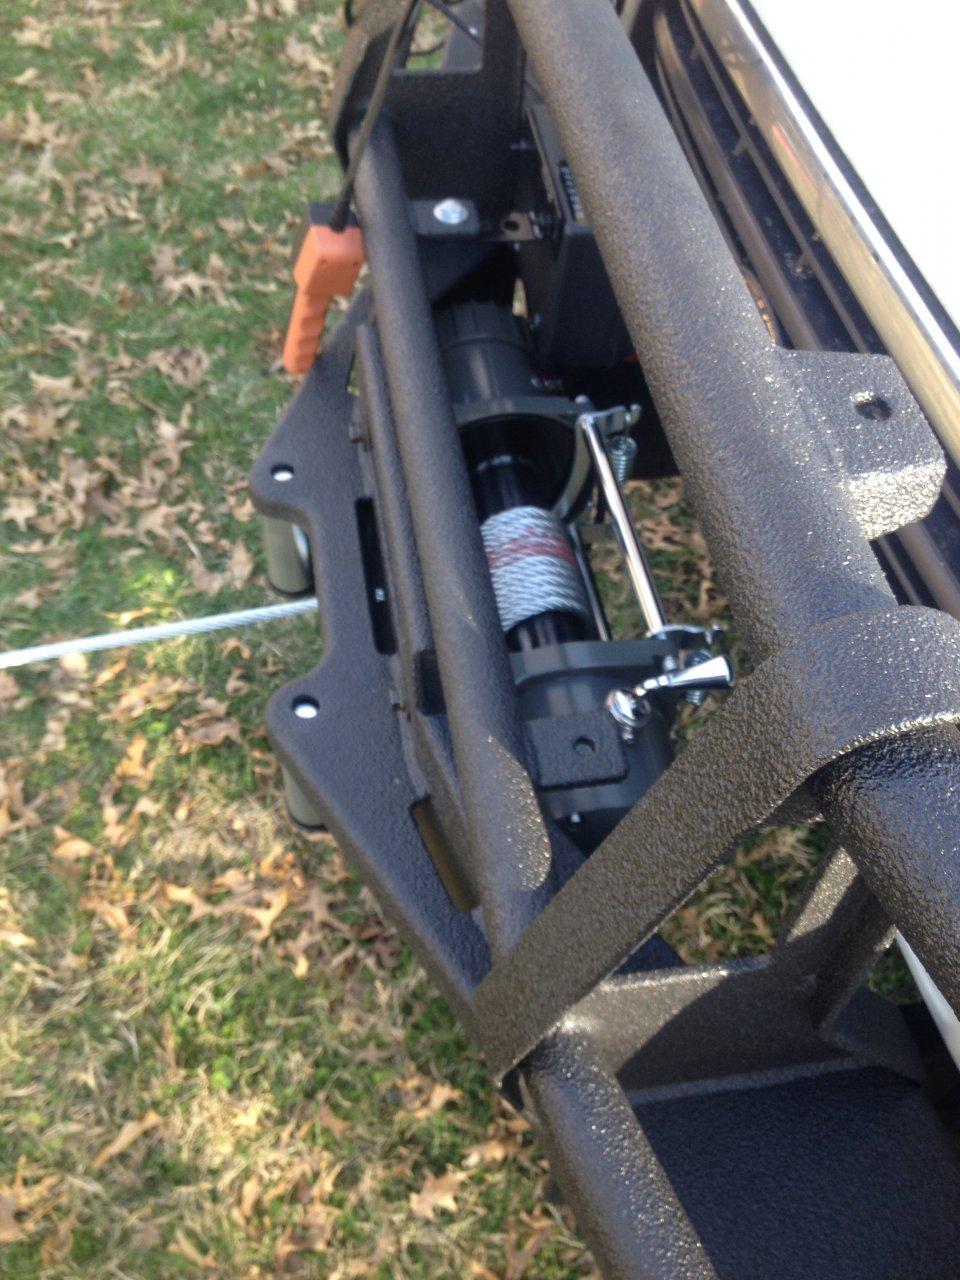 HF Badlands 12 k DIY winch hack waterproof upgrade mod